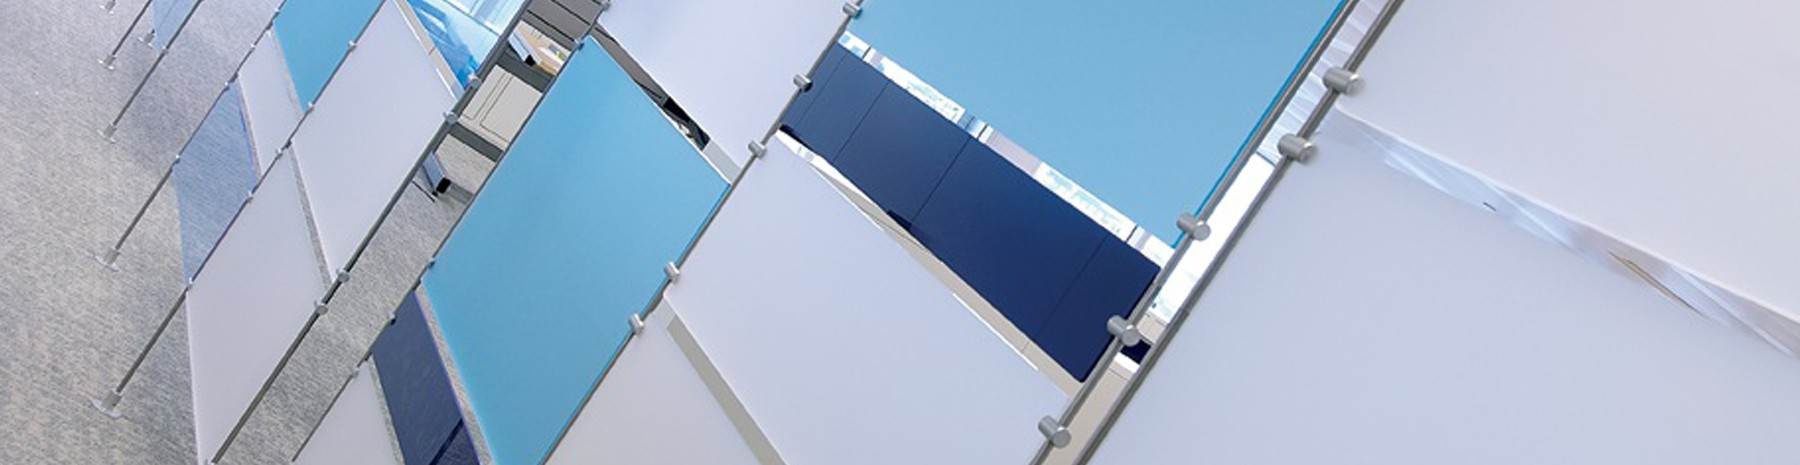 Accessoires de tiges 10mm pour la fixation d'affichages suspendus